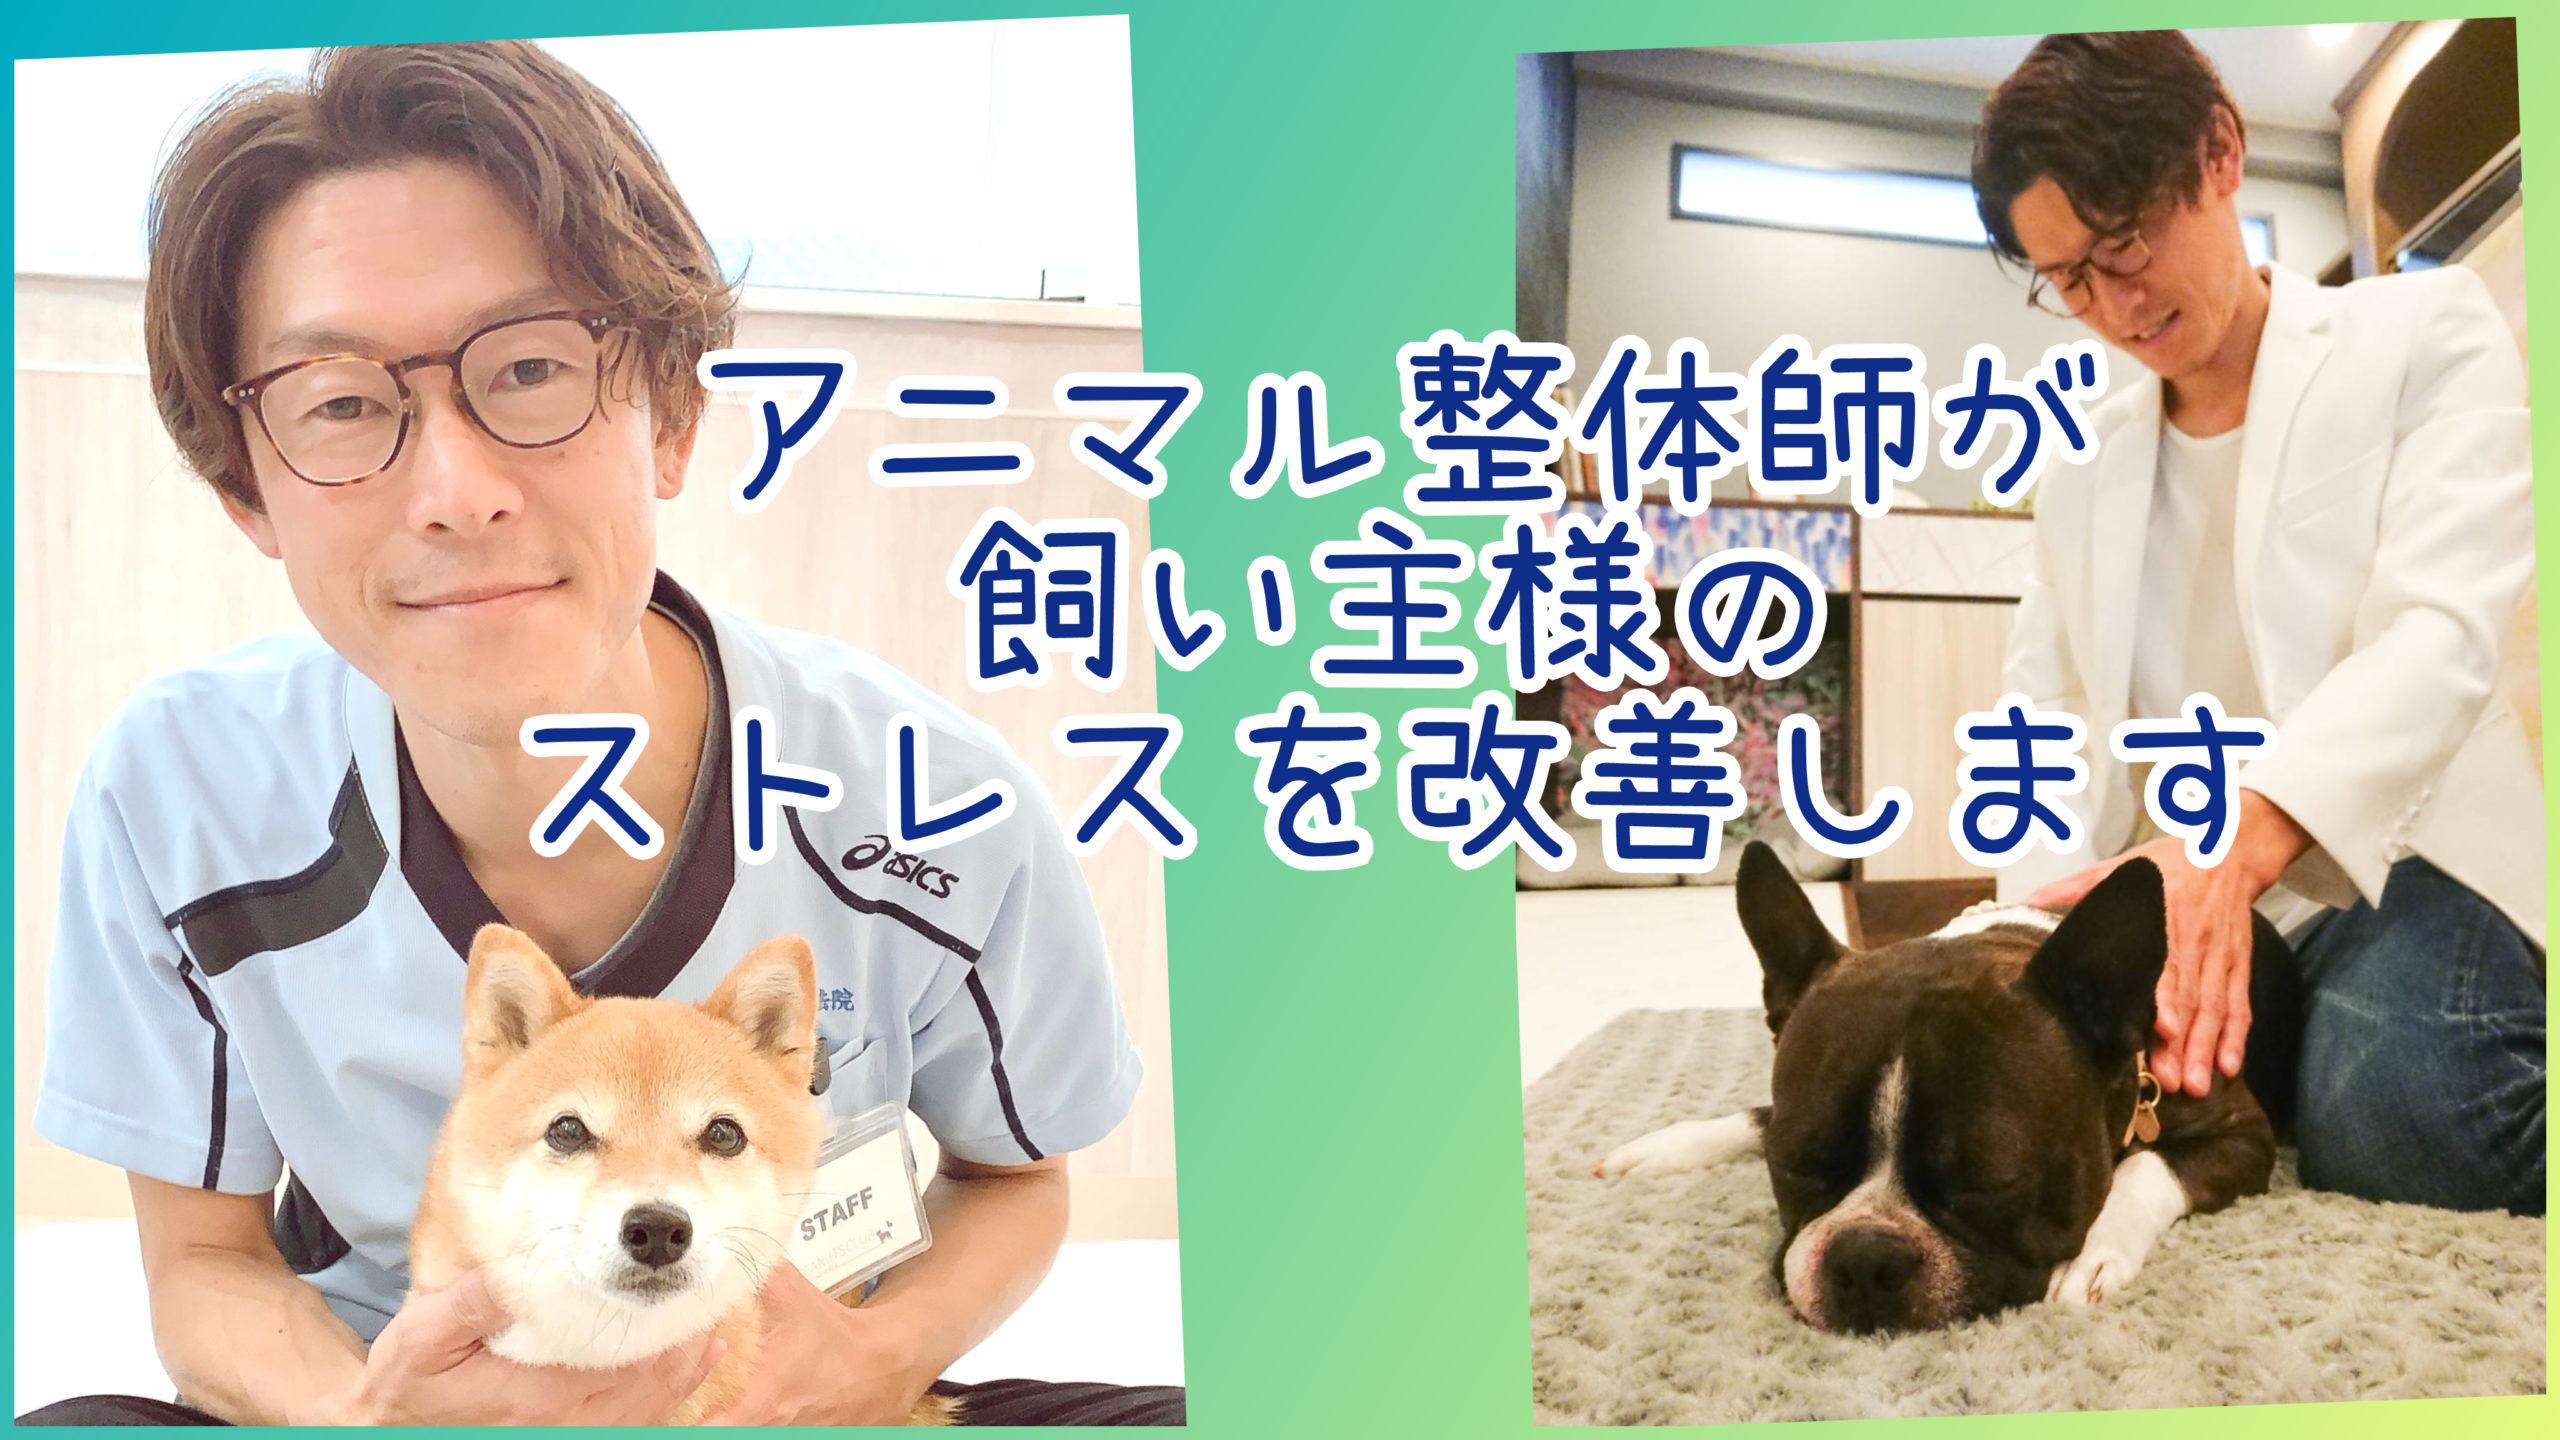 10/19 アニマル整体師が飼い主様のストレスを改善します